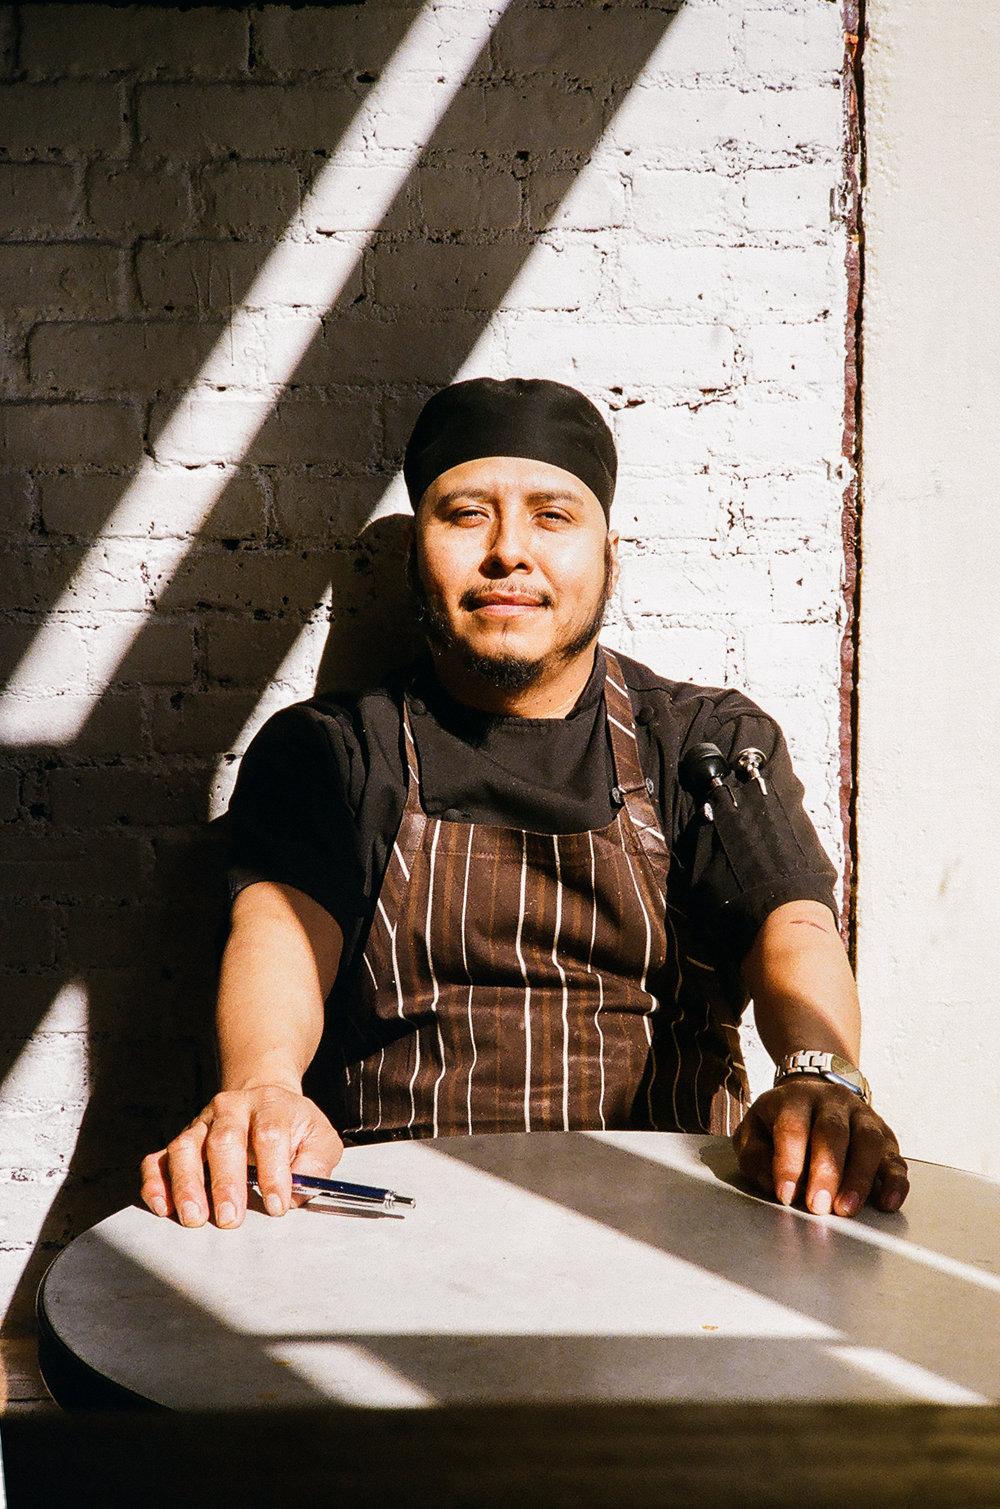 Juan at Oaxaca